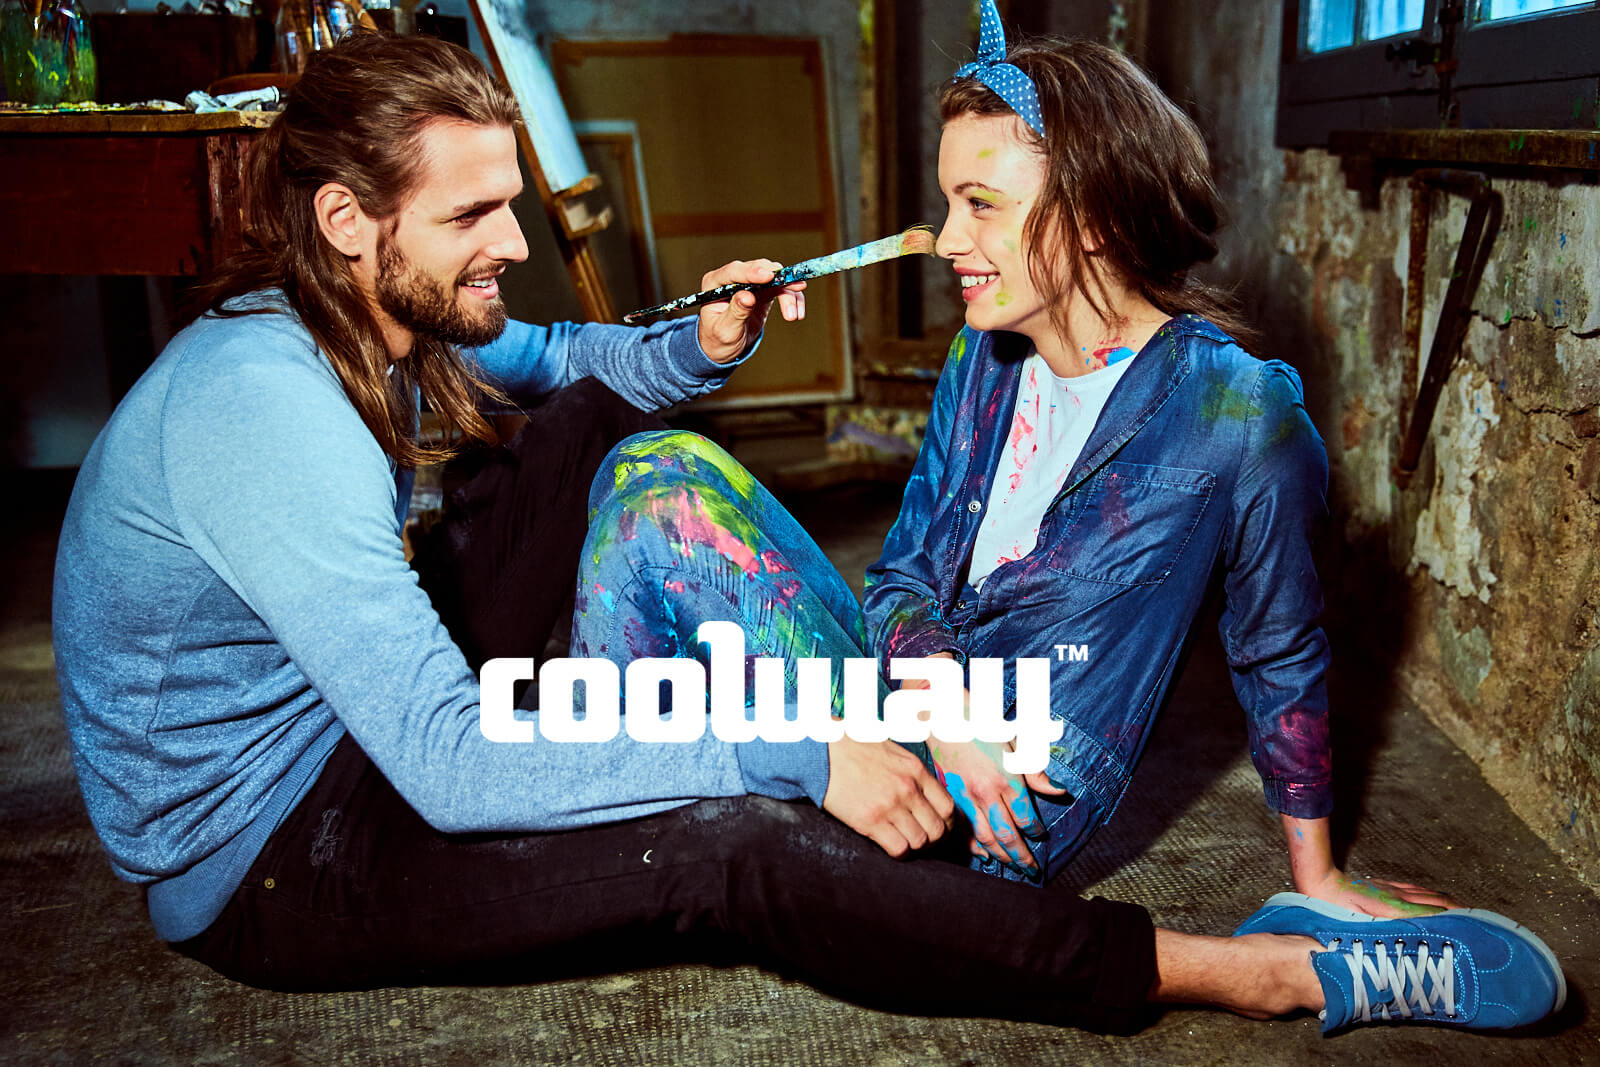 Coolway Spain